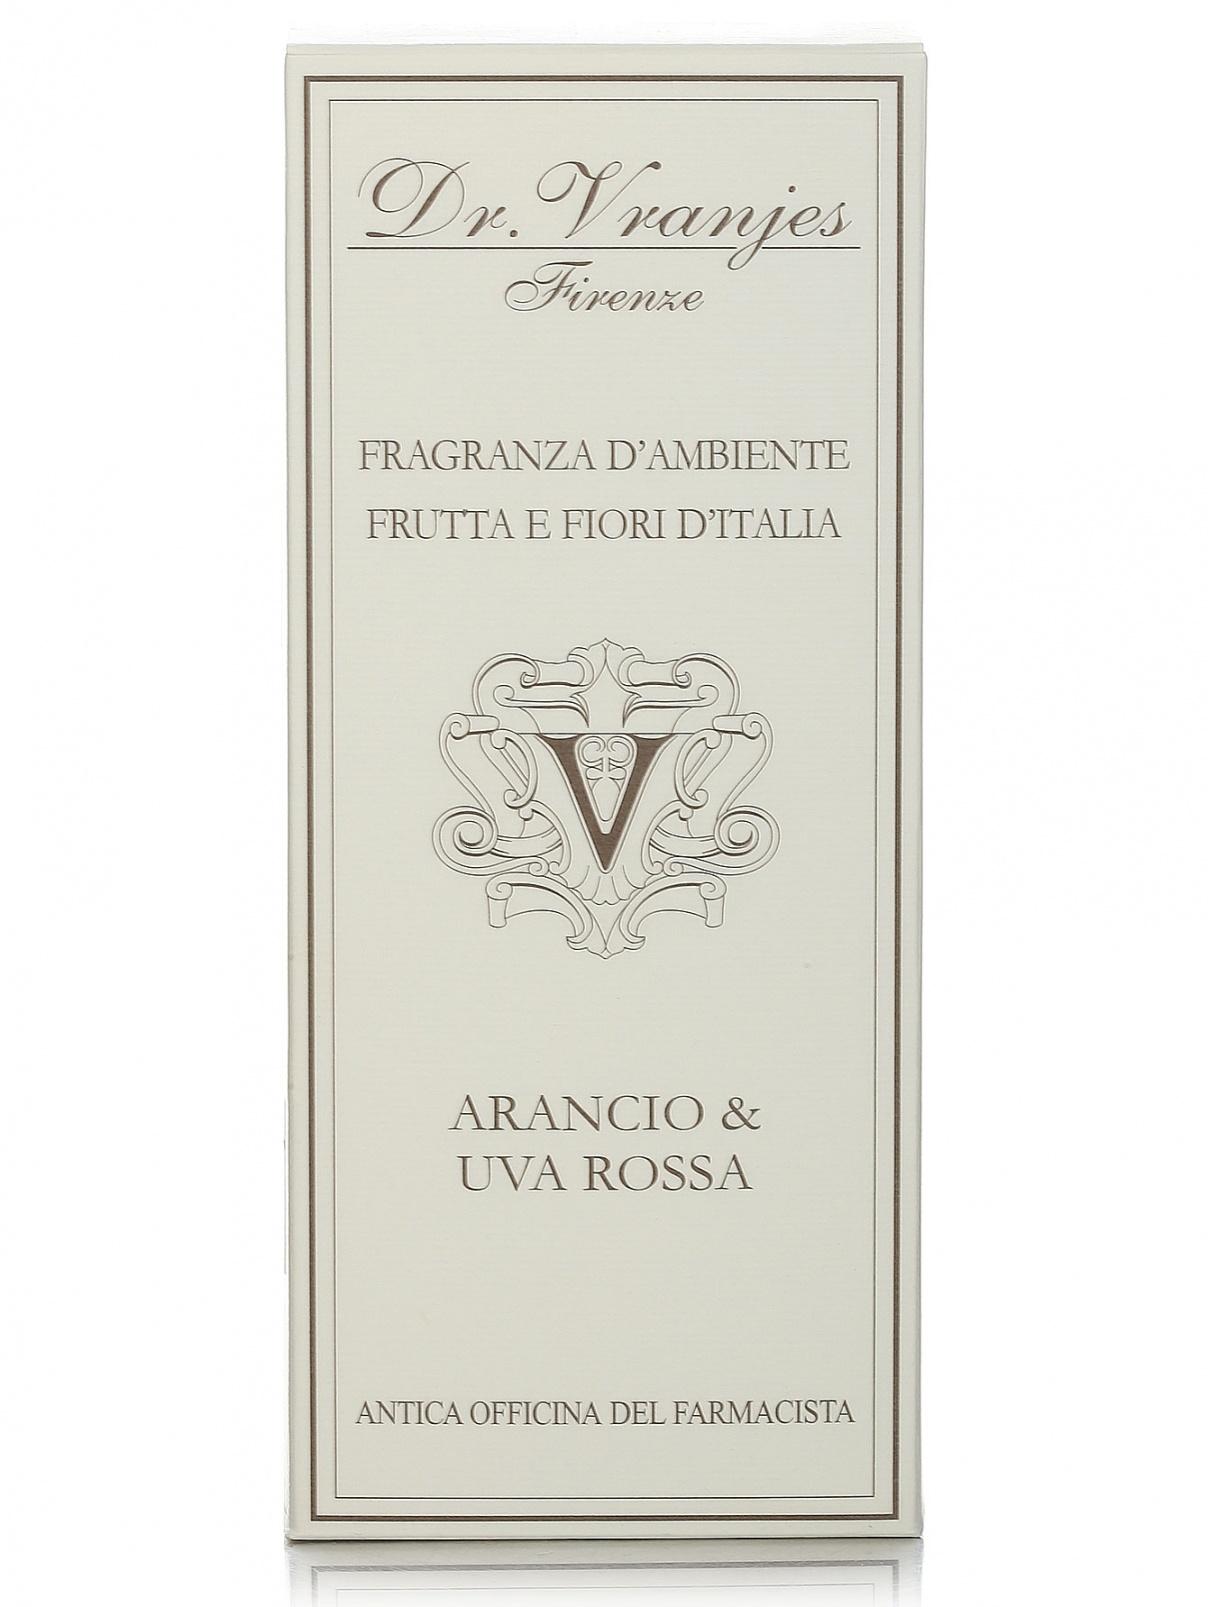 Ароматизатор воздуха Arancio & Uva Rossa - Home Fragrance, 250ml Dr. Vranjes  –  Модель Общий вид